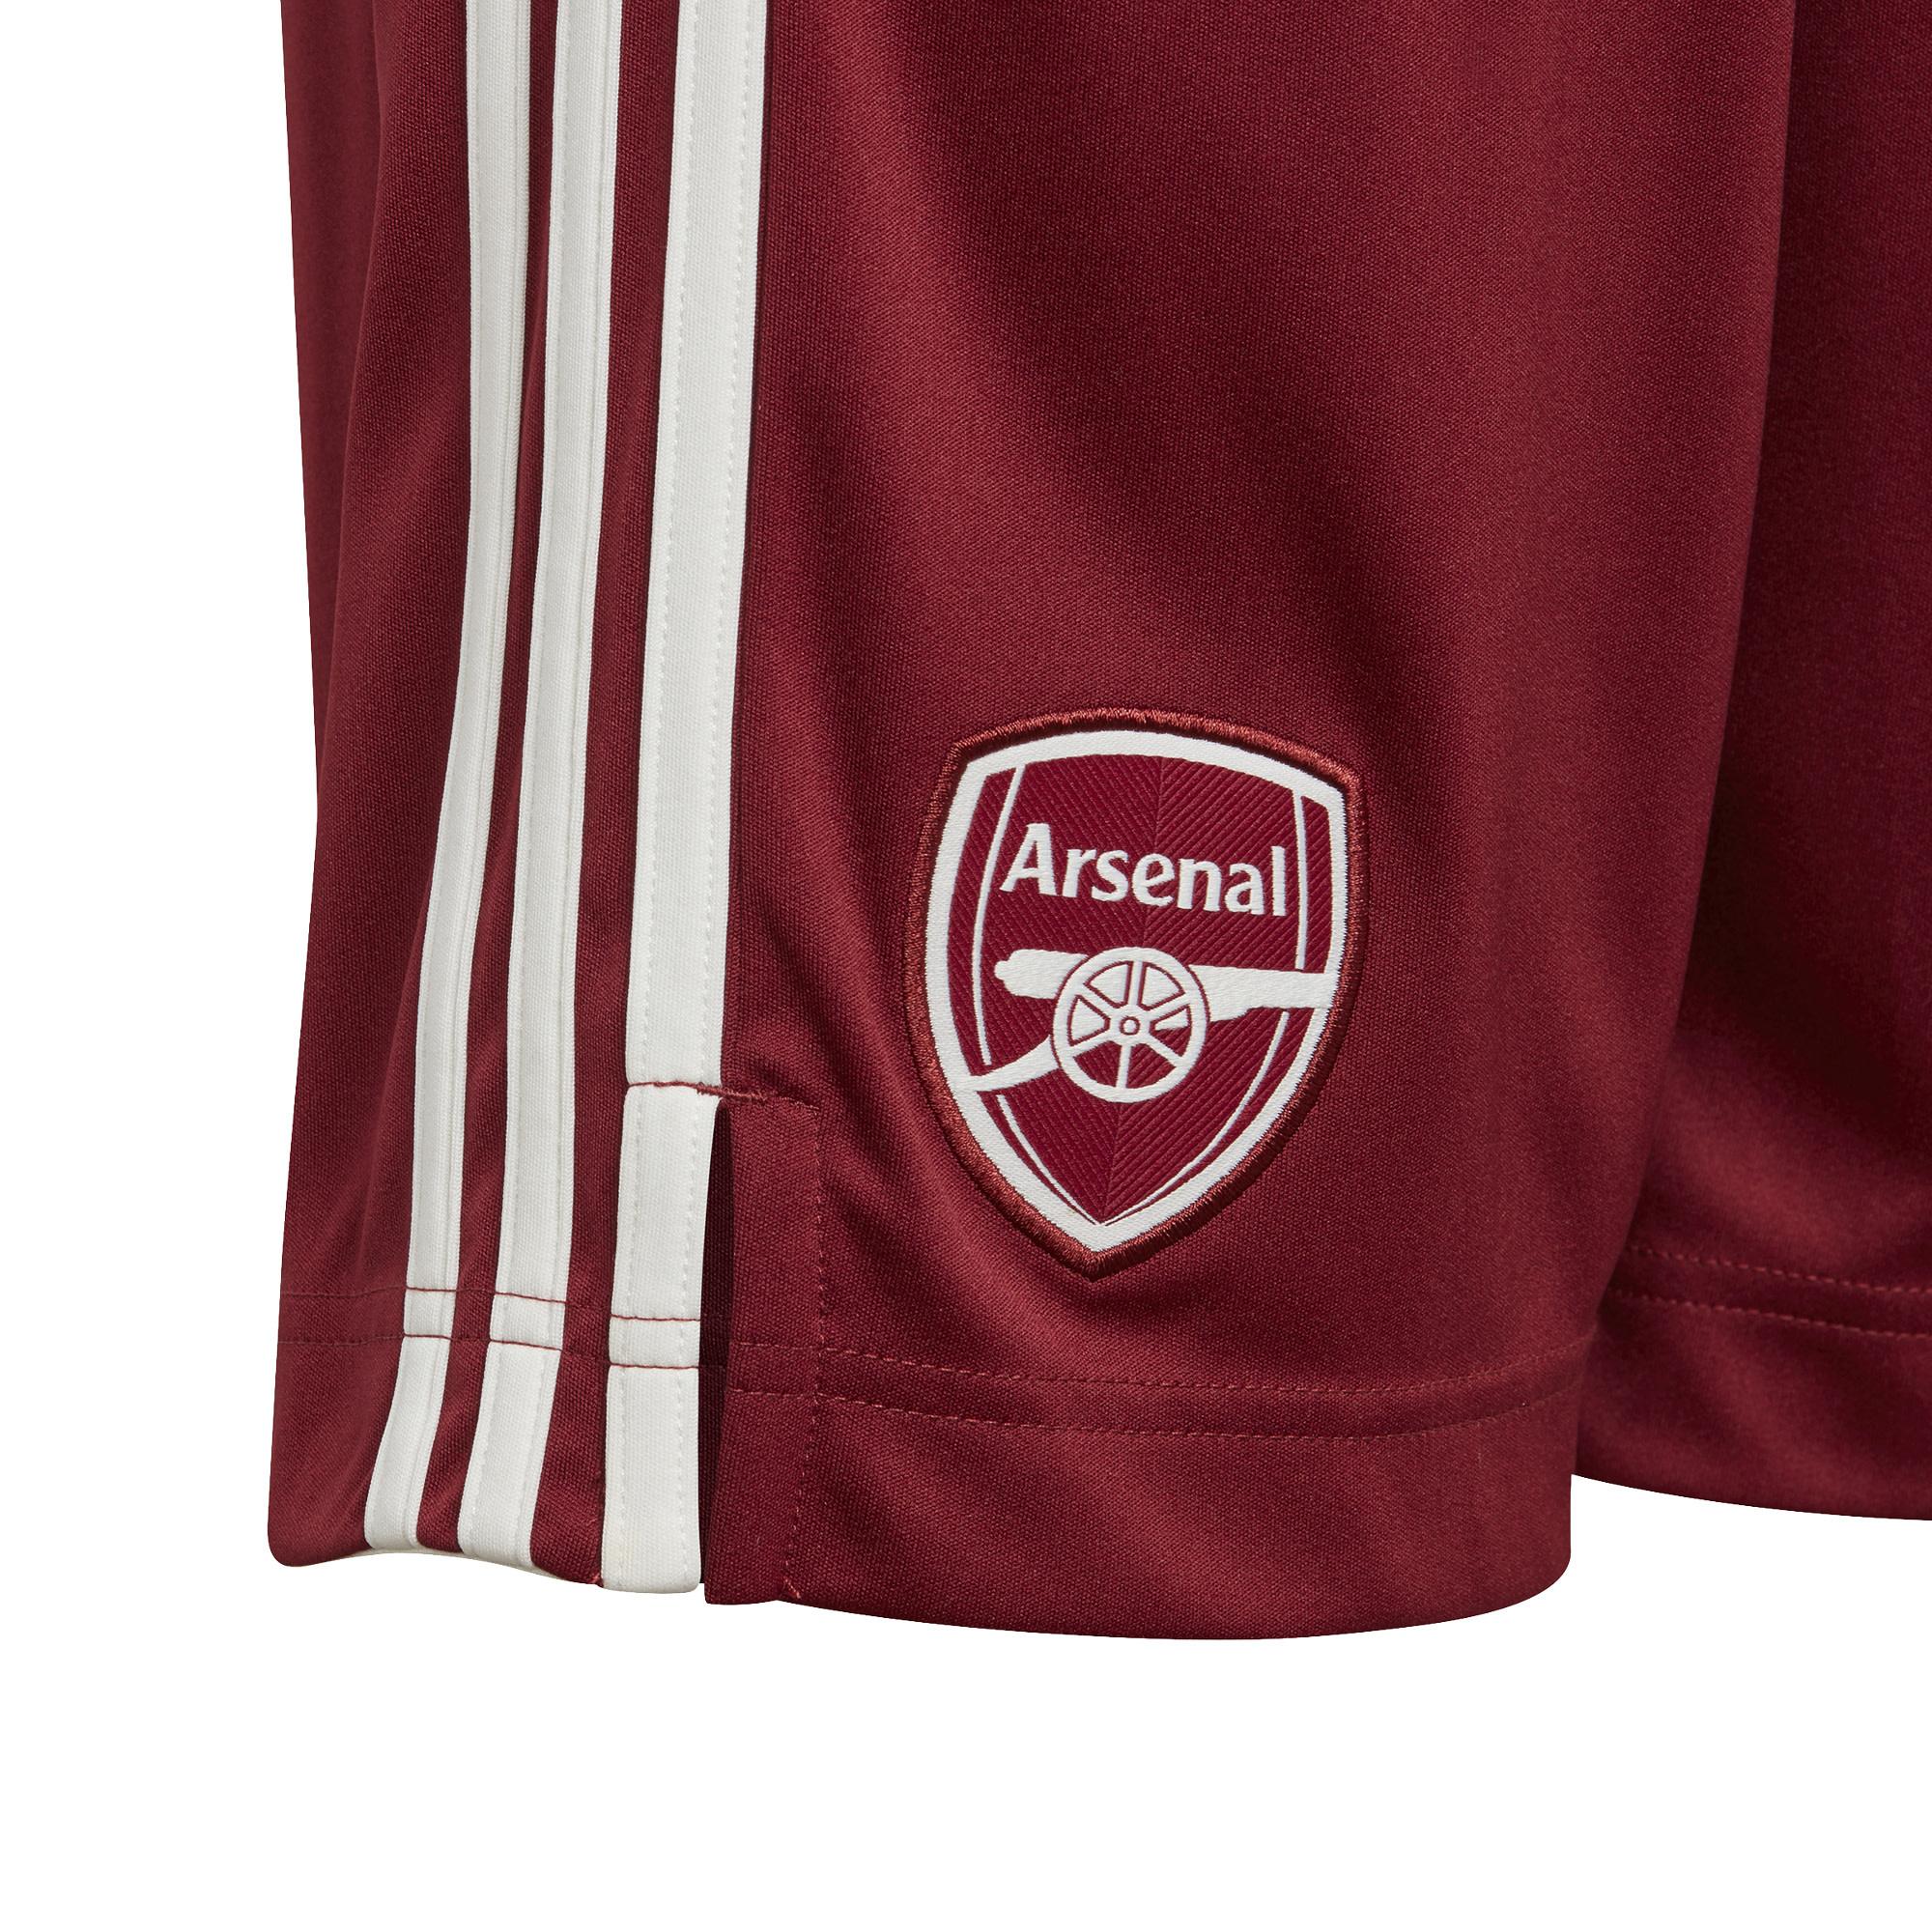 Adidas ADIDAS JR Arsenal Away Short '20-'21